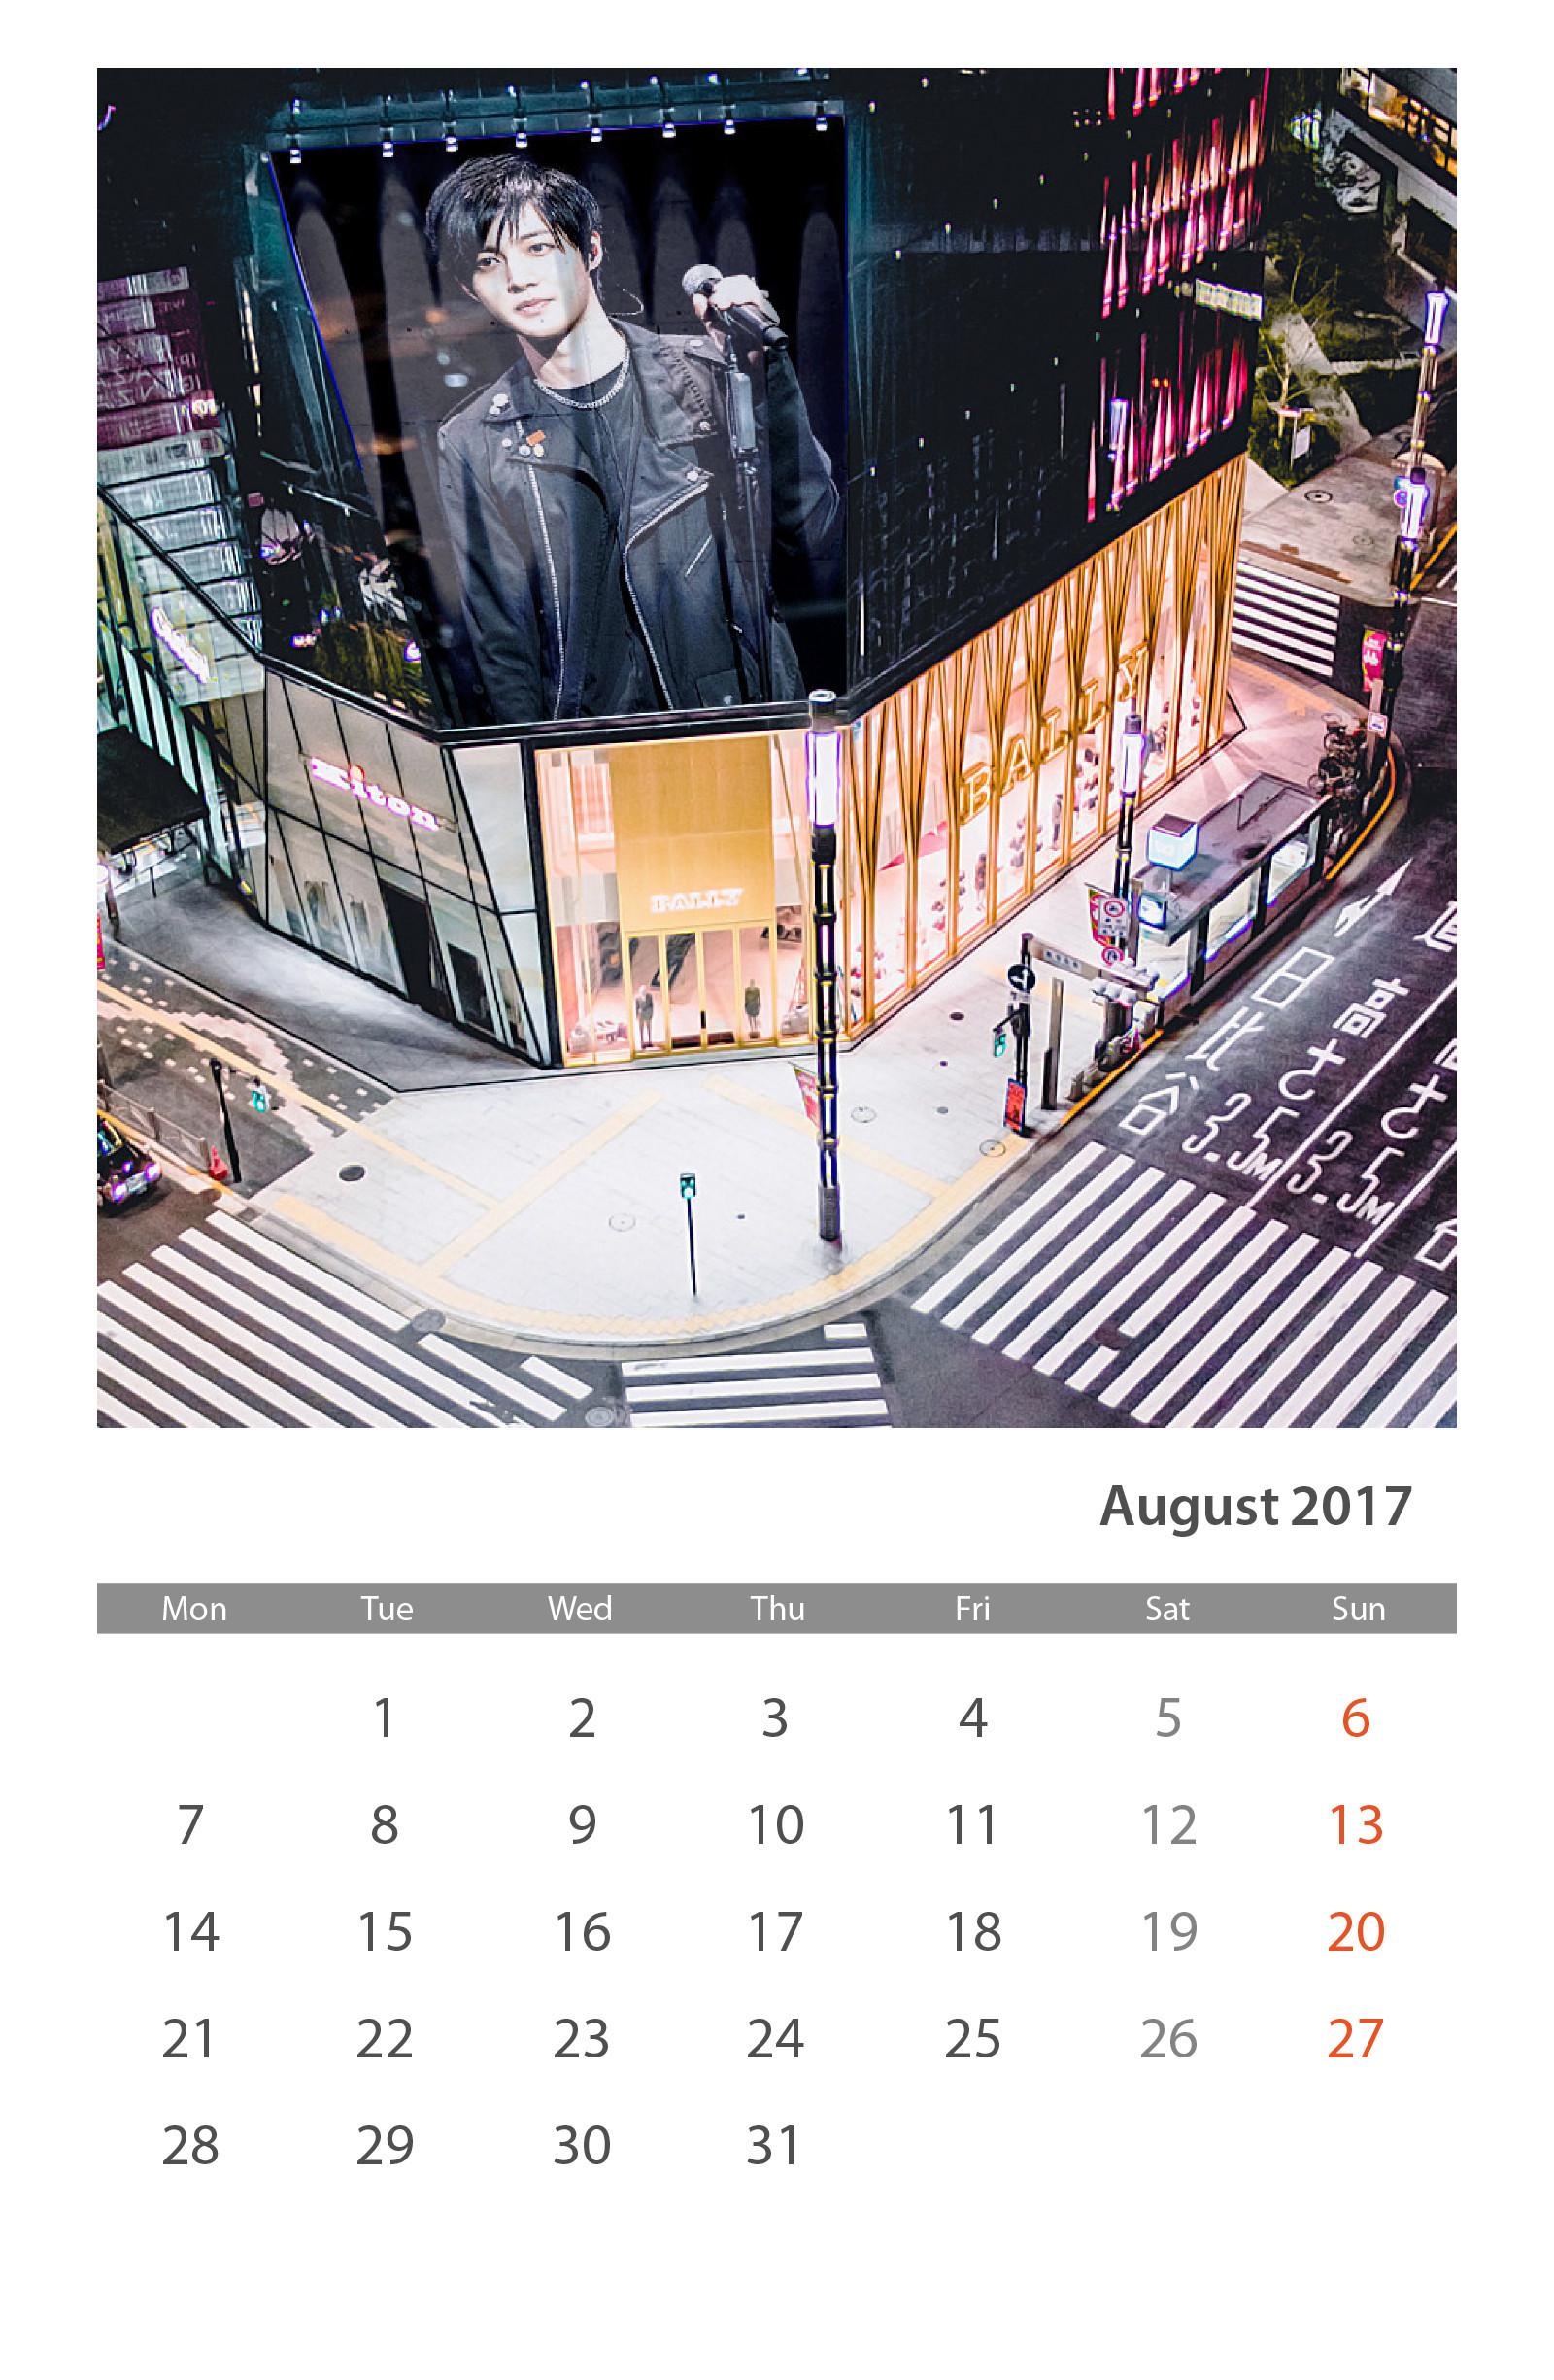 Calendar of August 2017 - 2017.08.01